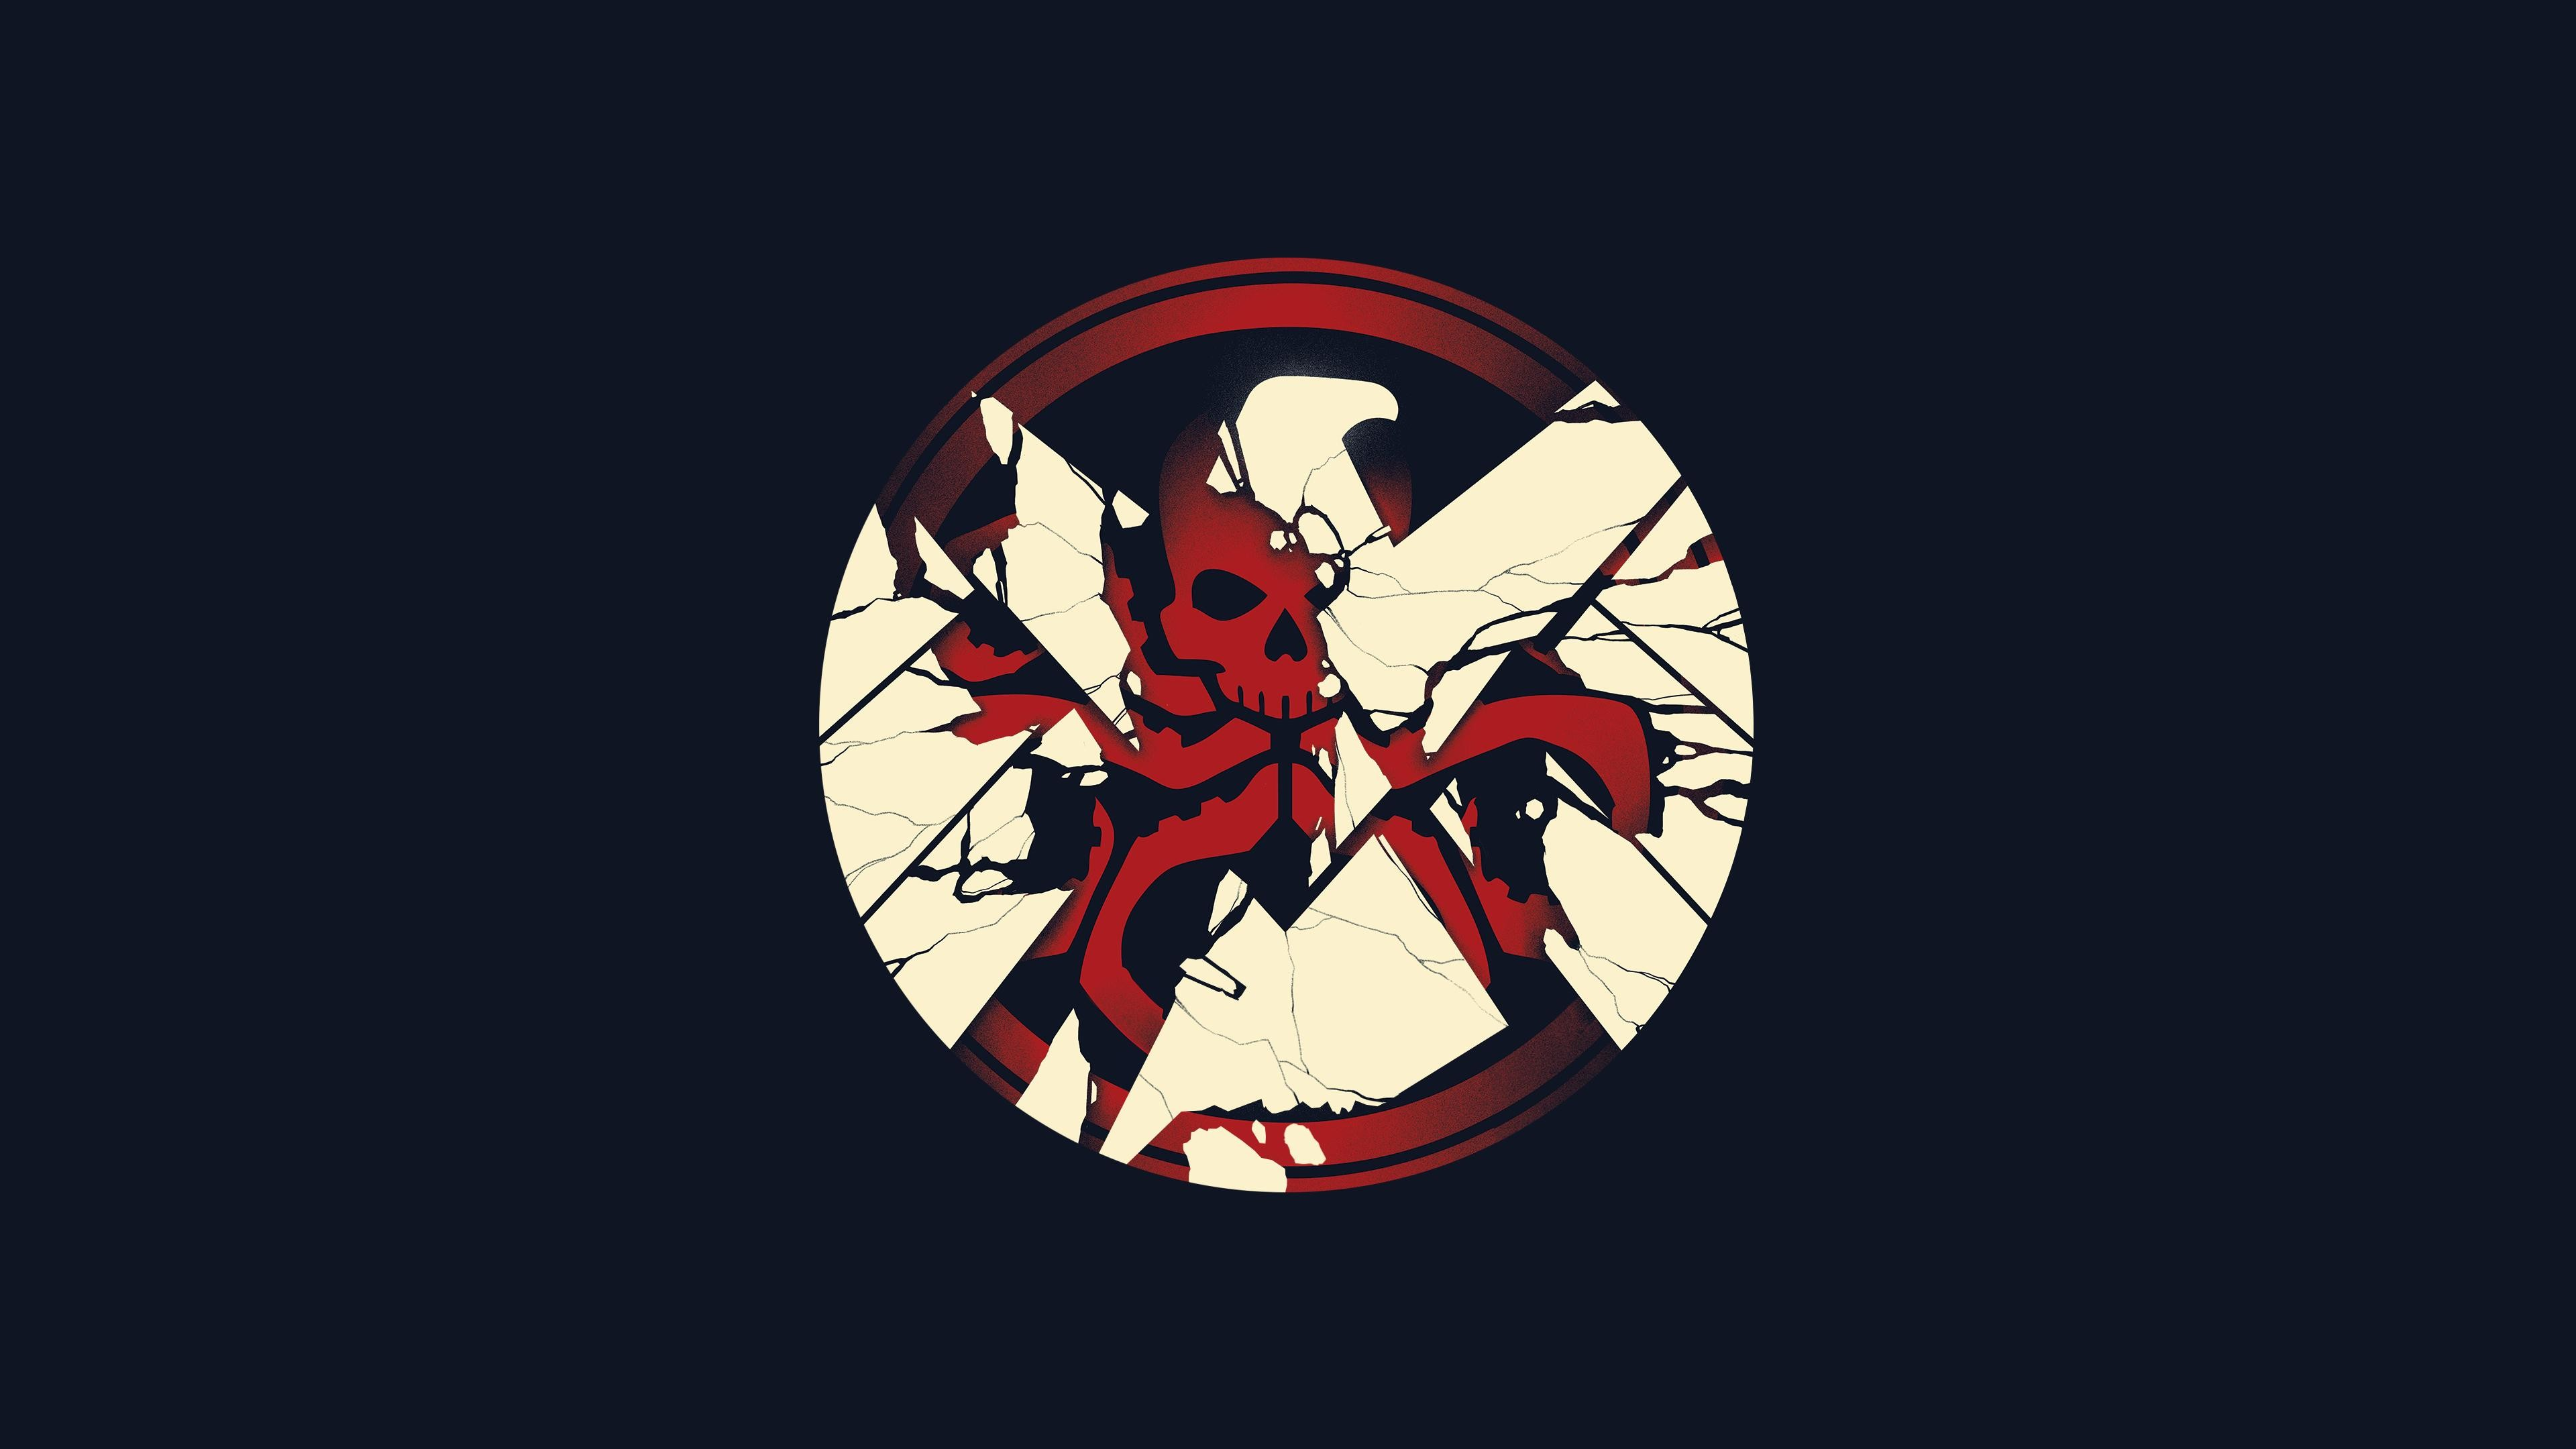 General 3840x2160 Marvel Comics Hydra (comics) S.H.I.E.L.D.